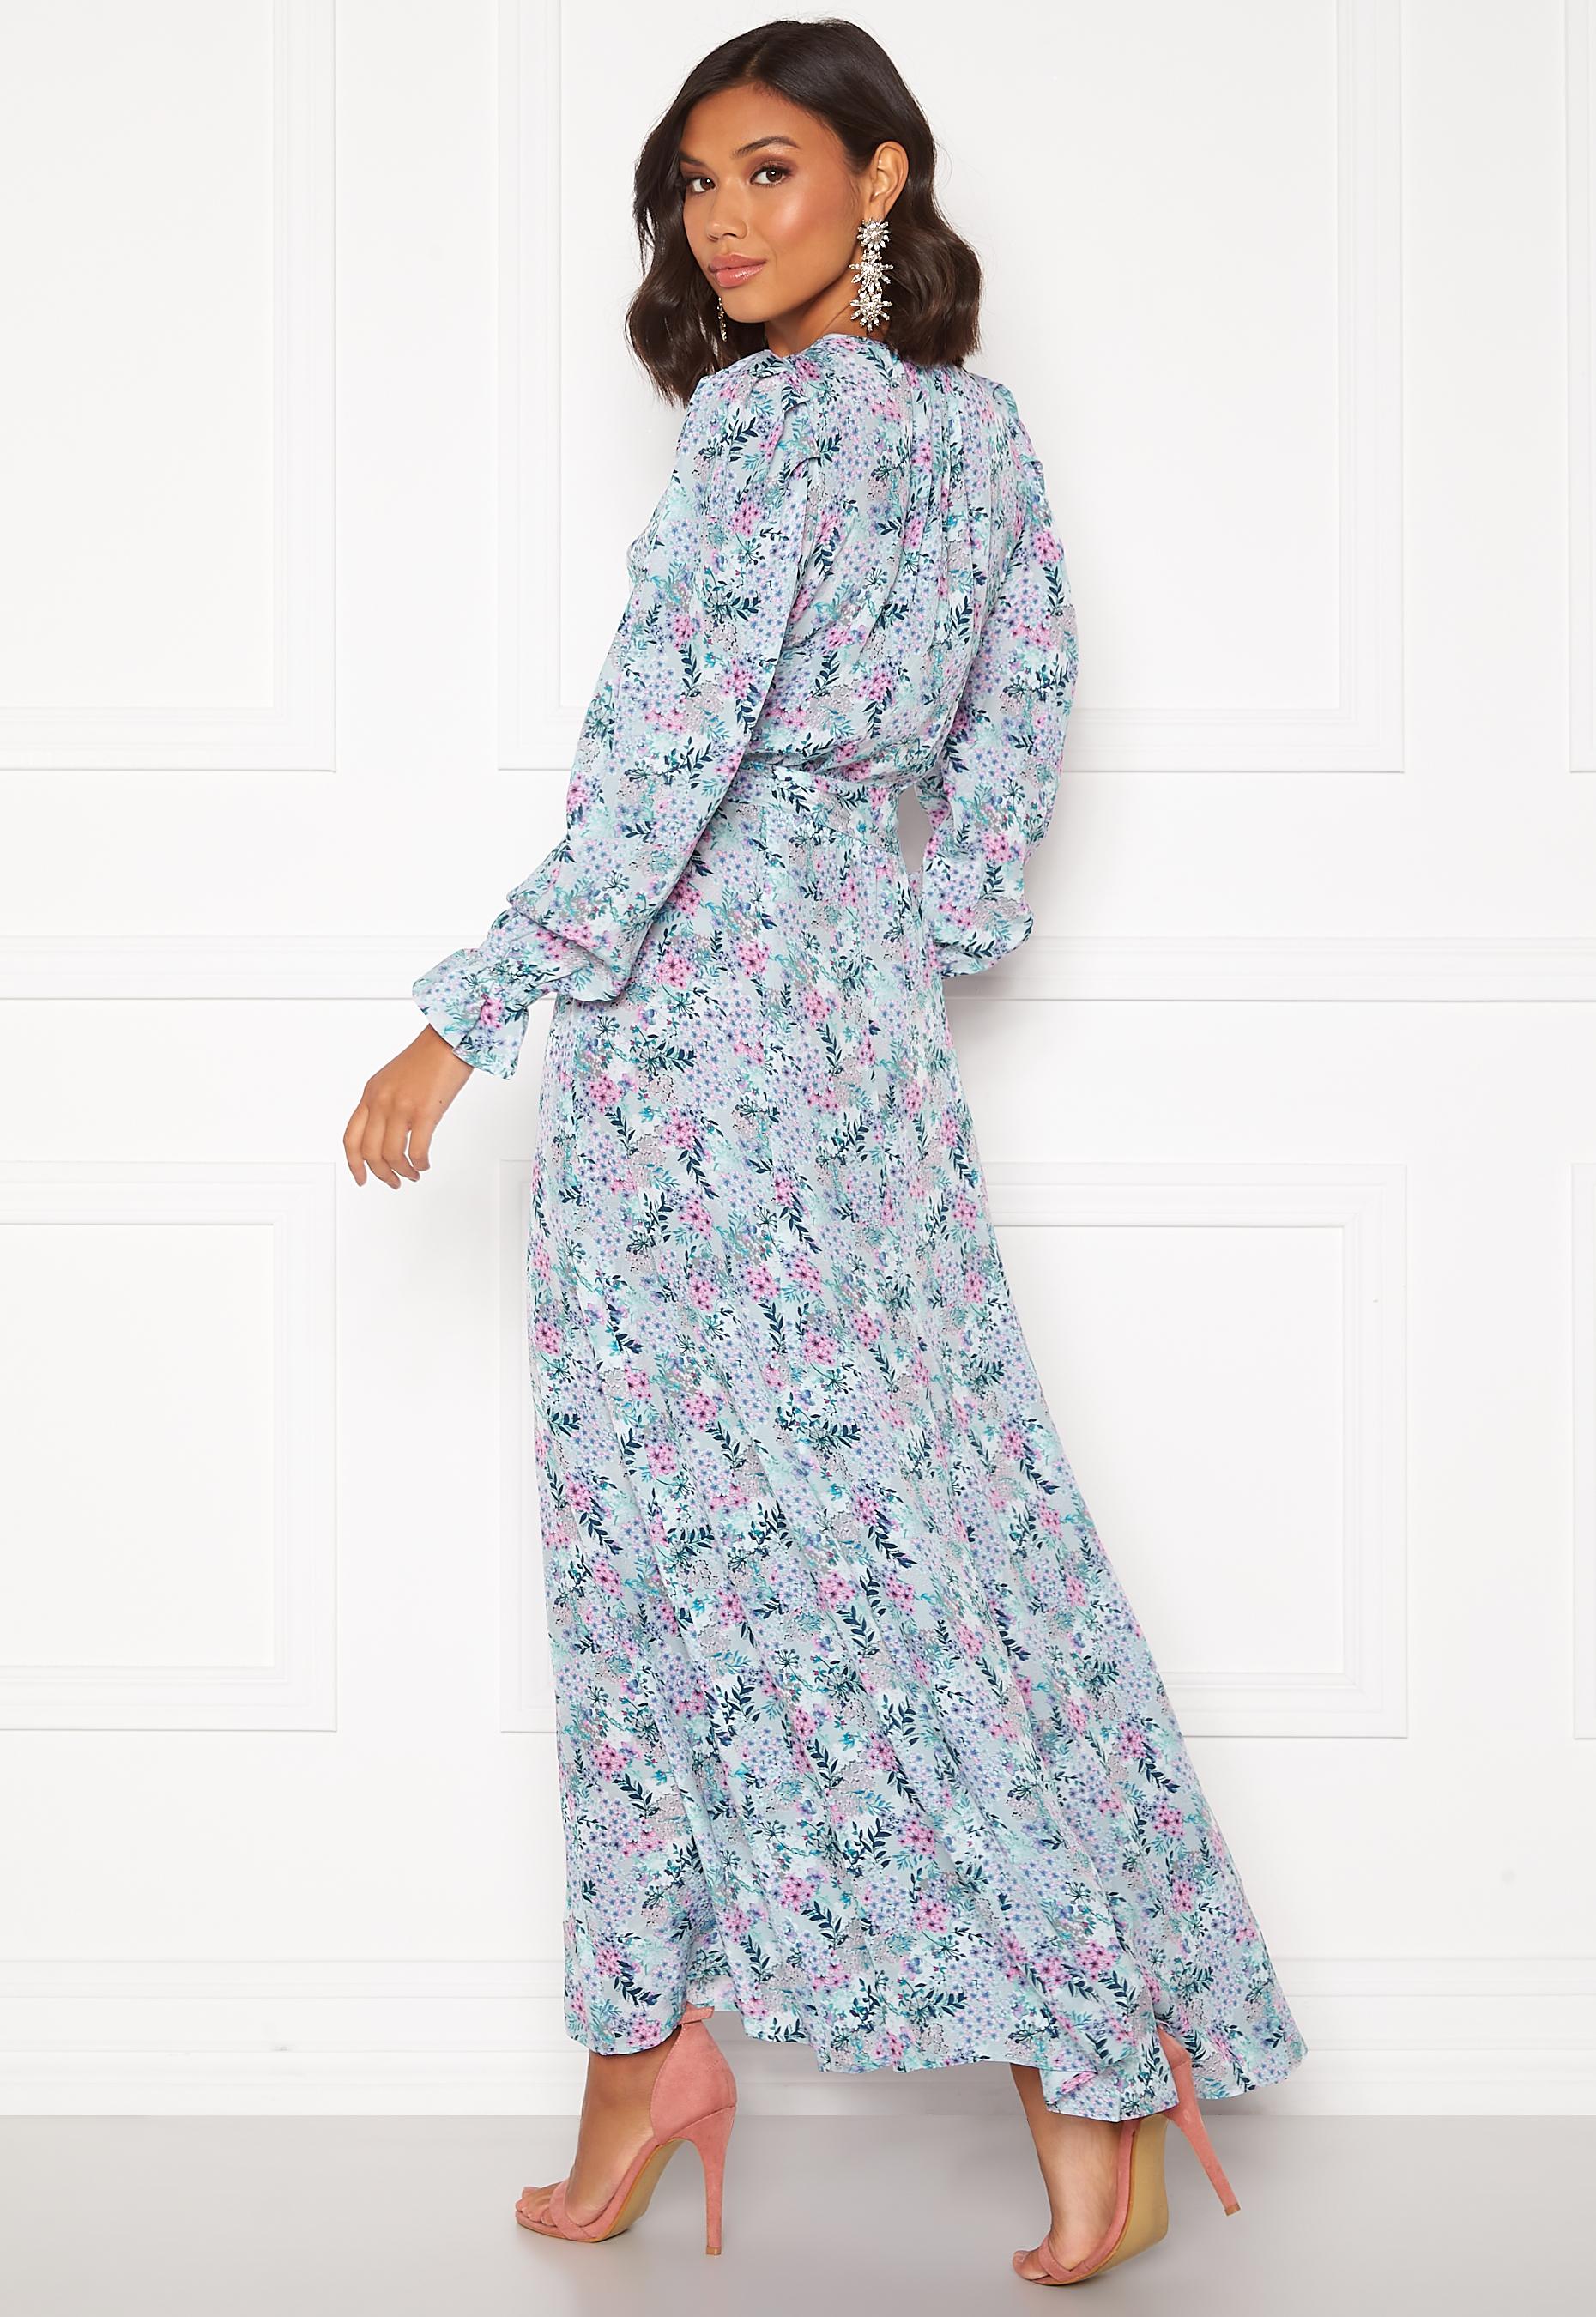 Ravn Neo Dress Vintage Flower Print Bubbleroom